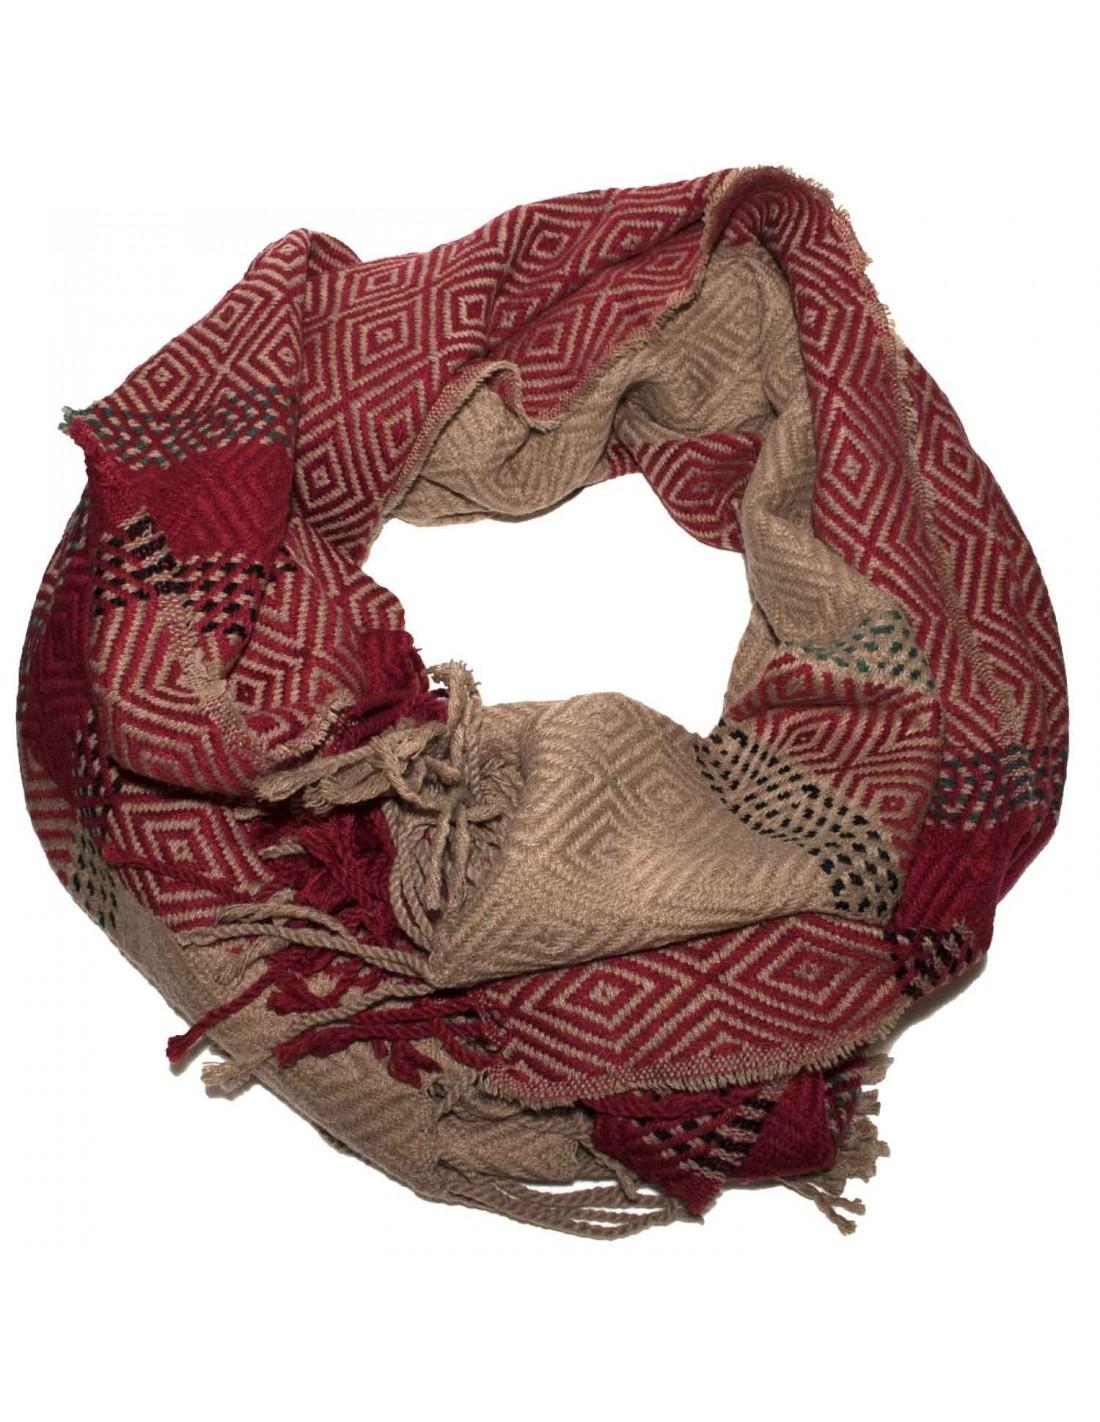 sensation de confort plus bas rabais les dernières nouveautés Grande écharpe plaid femme laine douce & motif losange triangle